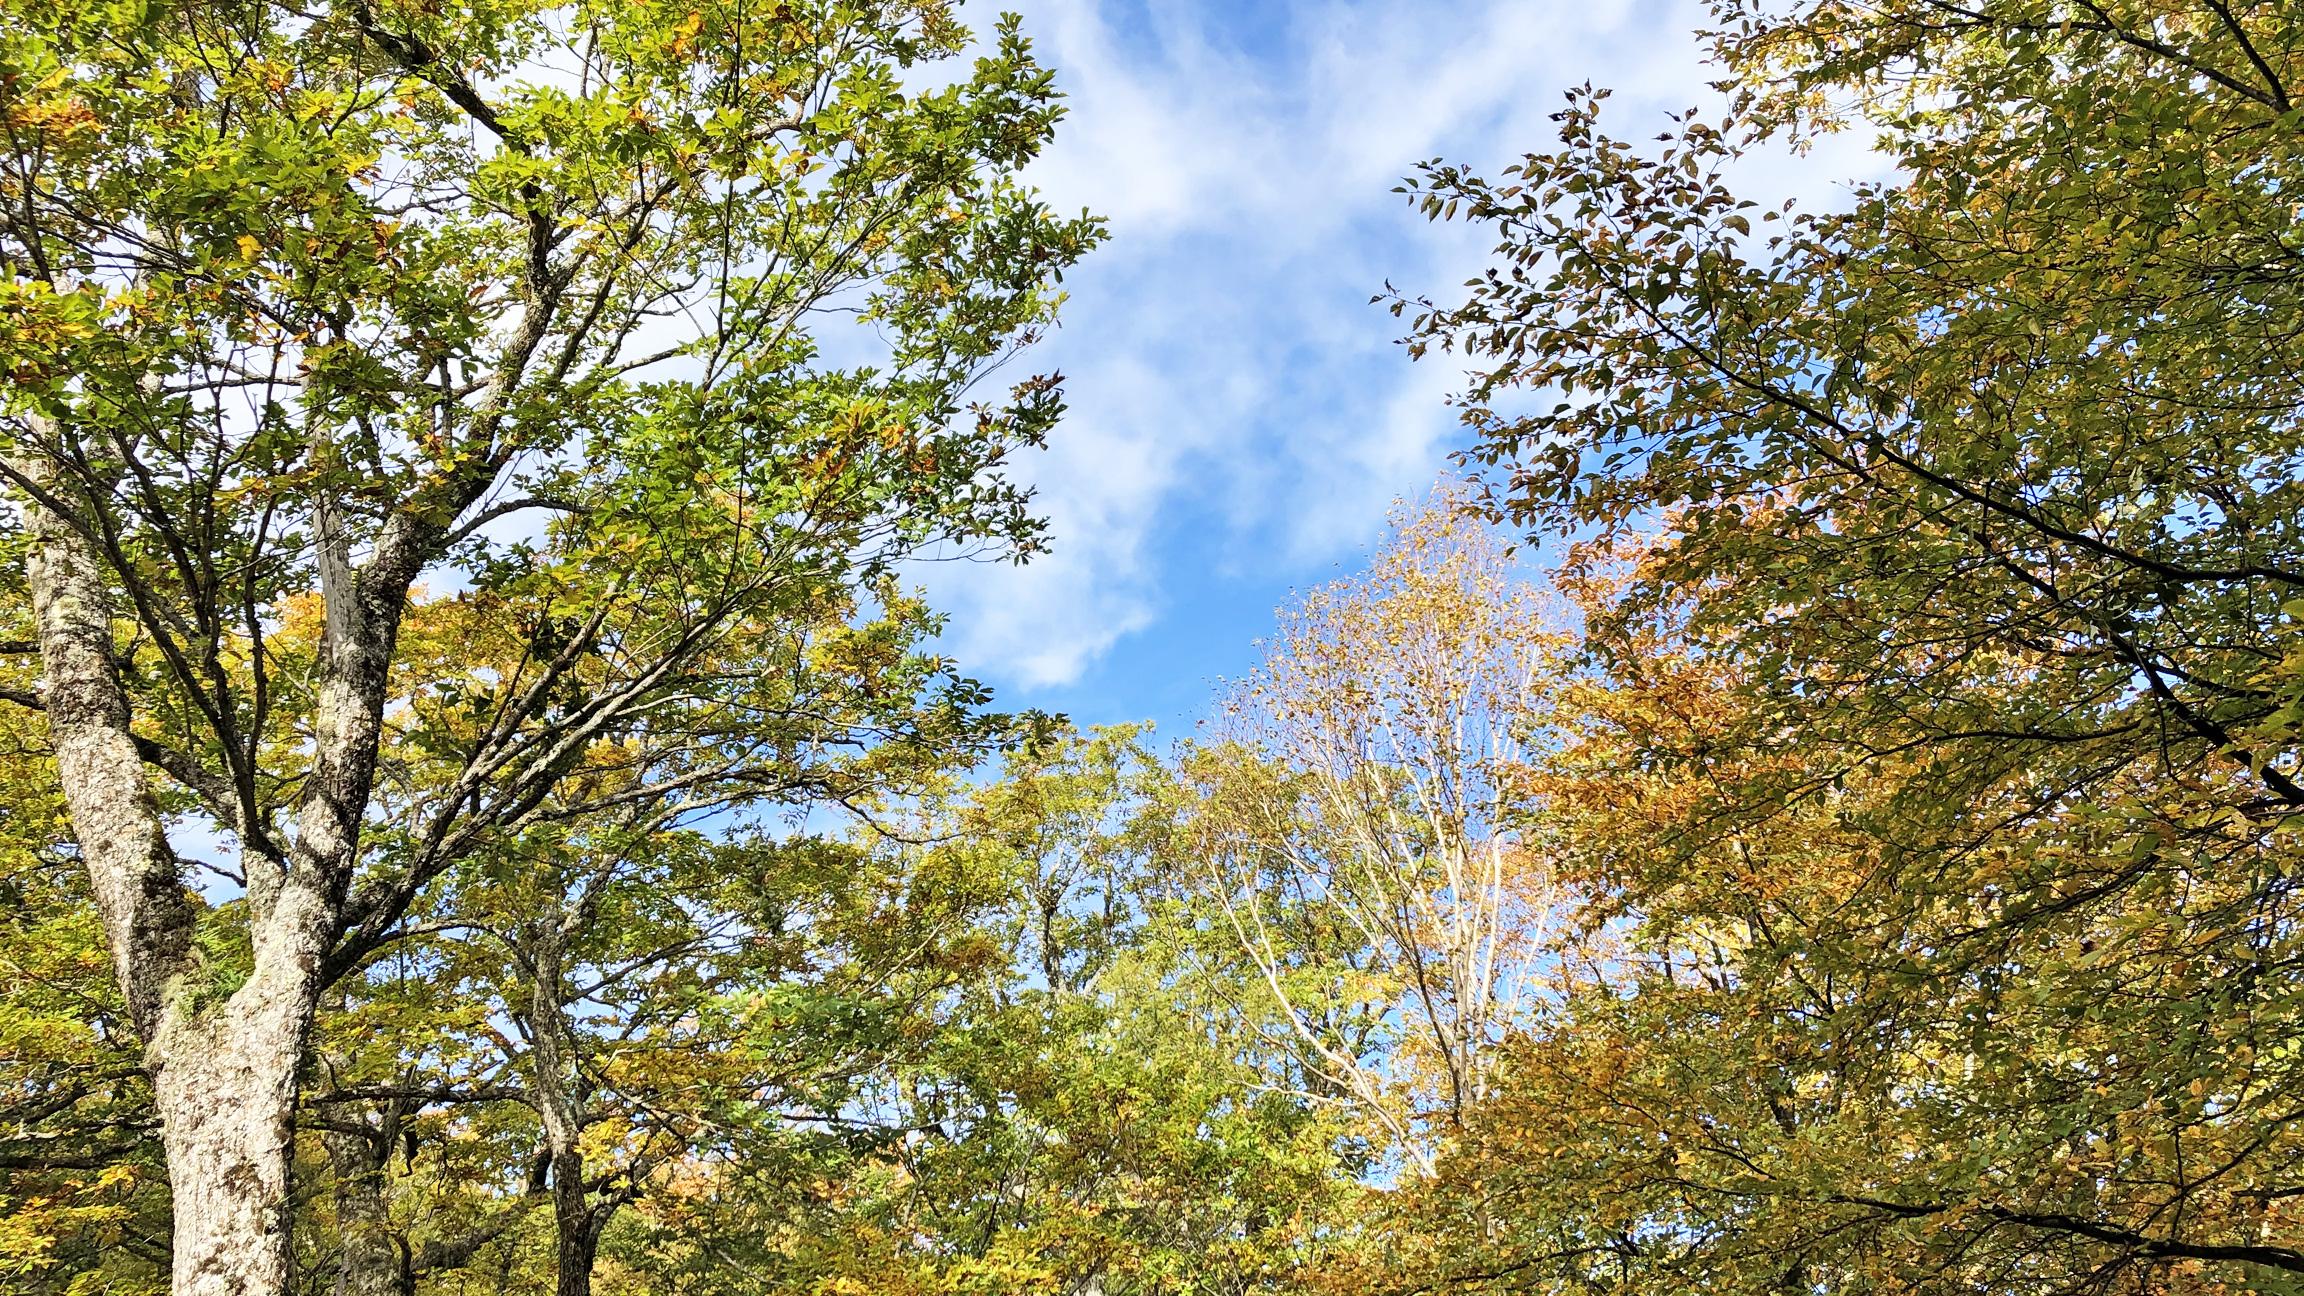 色づき始めた紅葉と青空